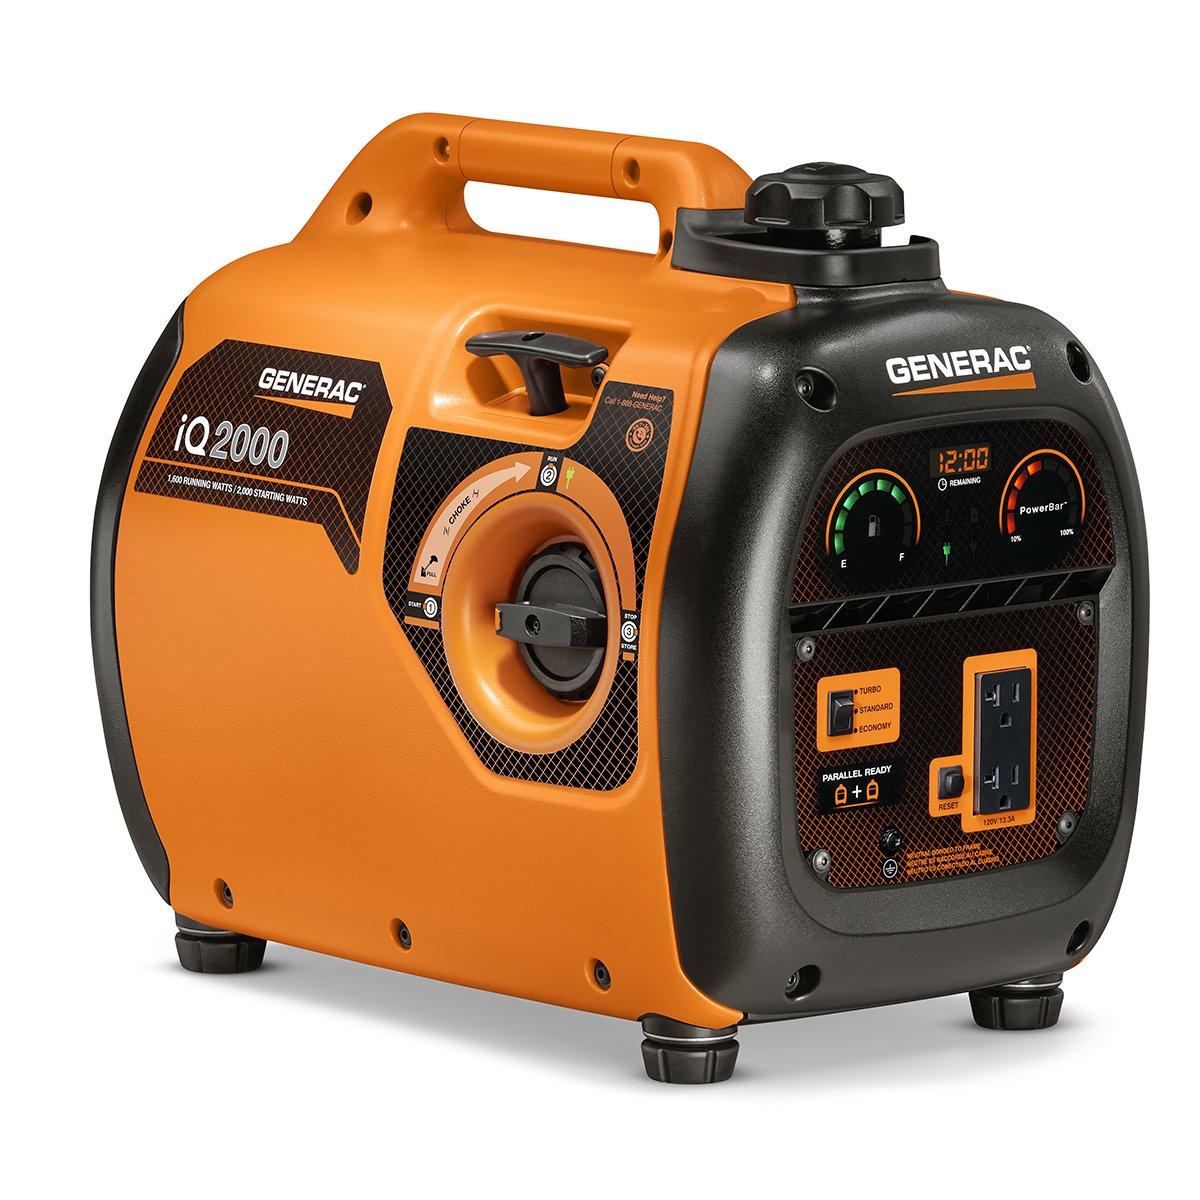 Best 2000 Watts Generator: Generac 6866 iQ2000